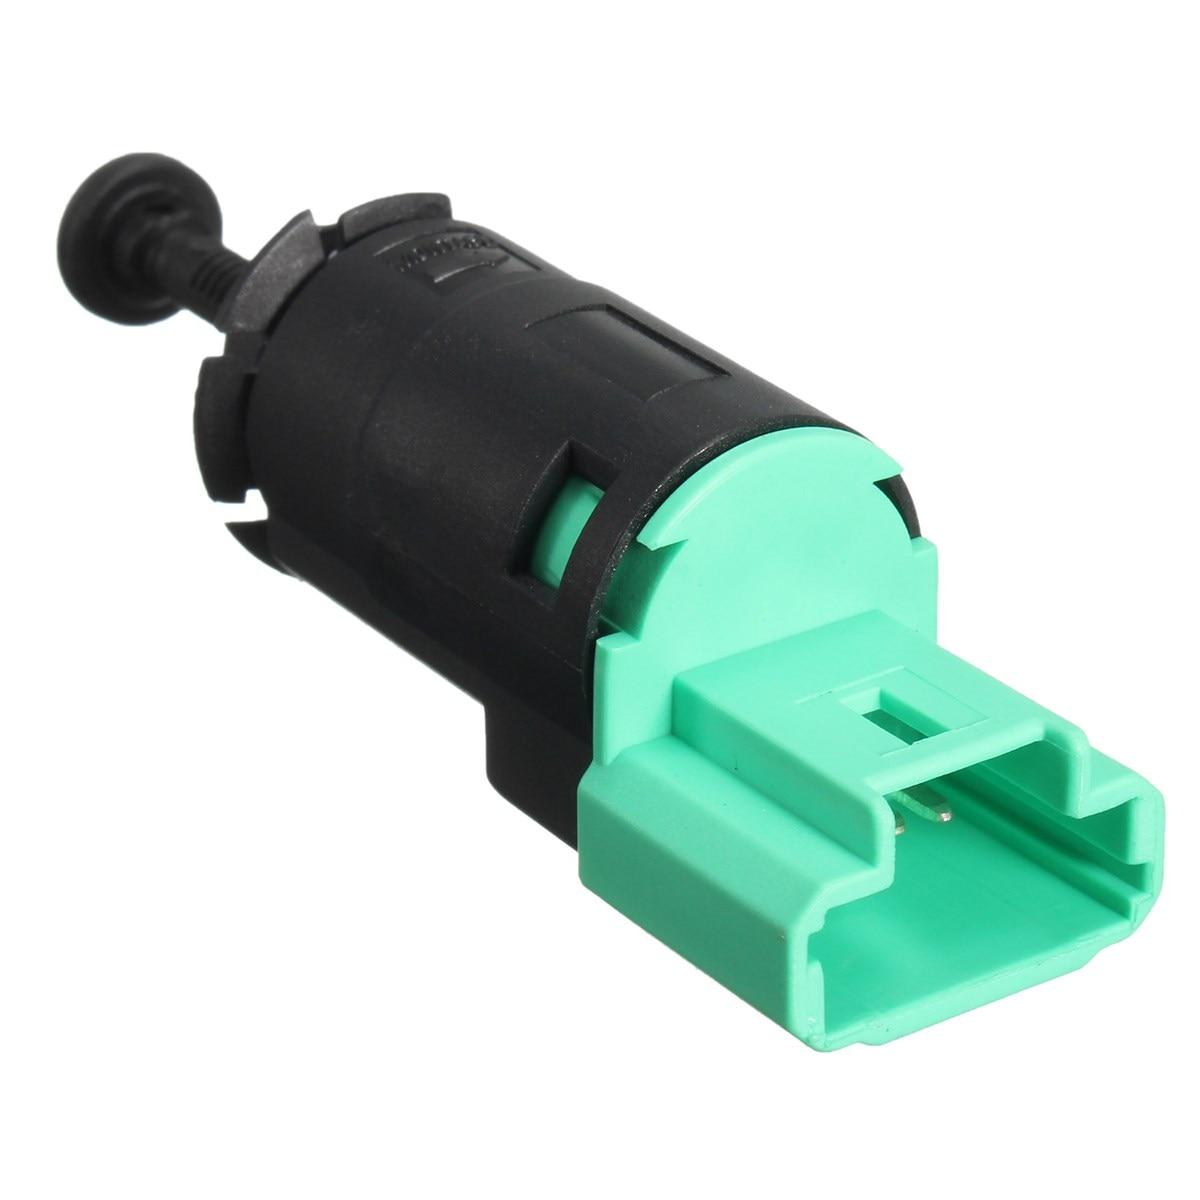 New Brake Light Switch For Peugeot 207 307 308 3008 For